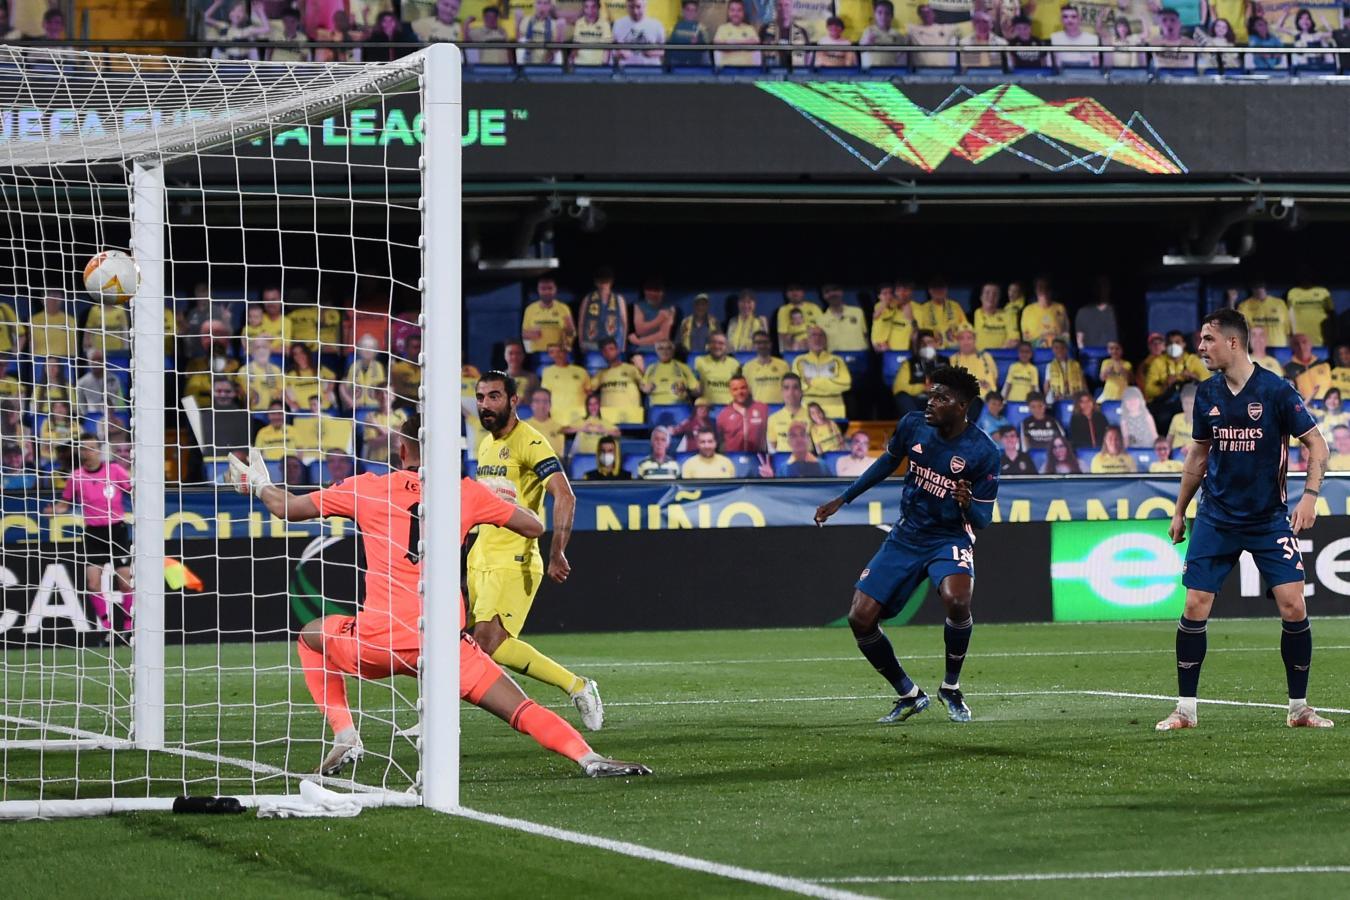 Raúl Albiol aparece solo por el segundo palo y pone el segundo tanto del Villarreal.